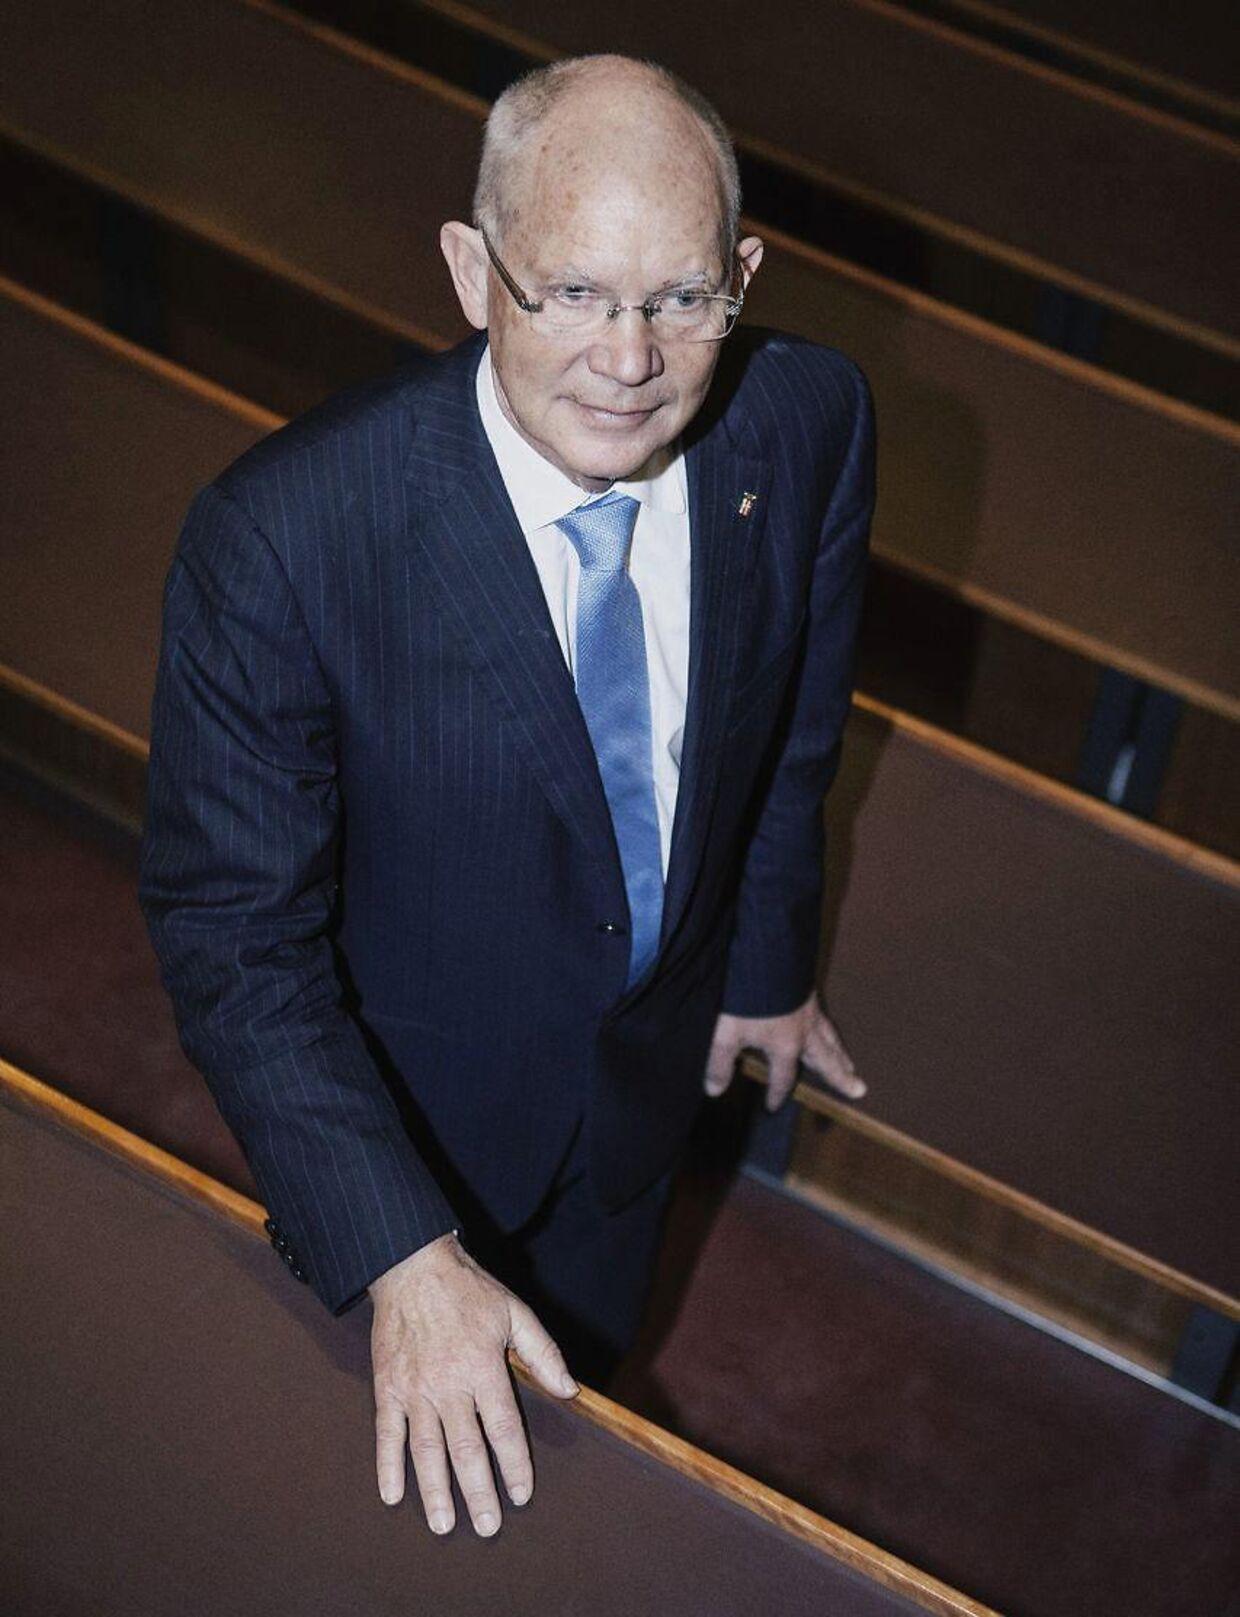 Sportsøkonomen Troels Troelsen har været professor ved CBS.